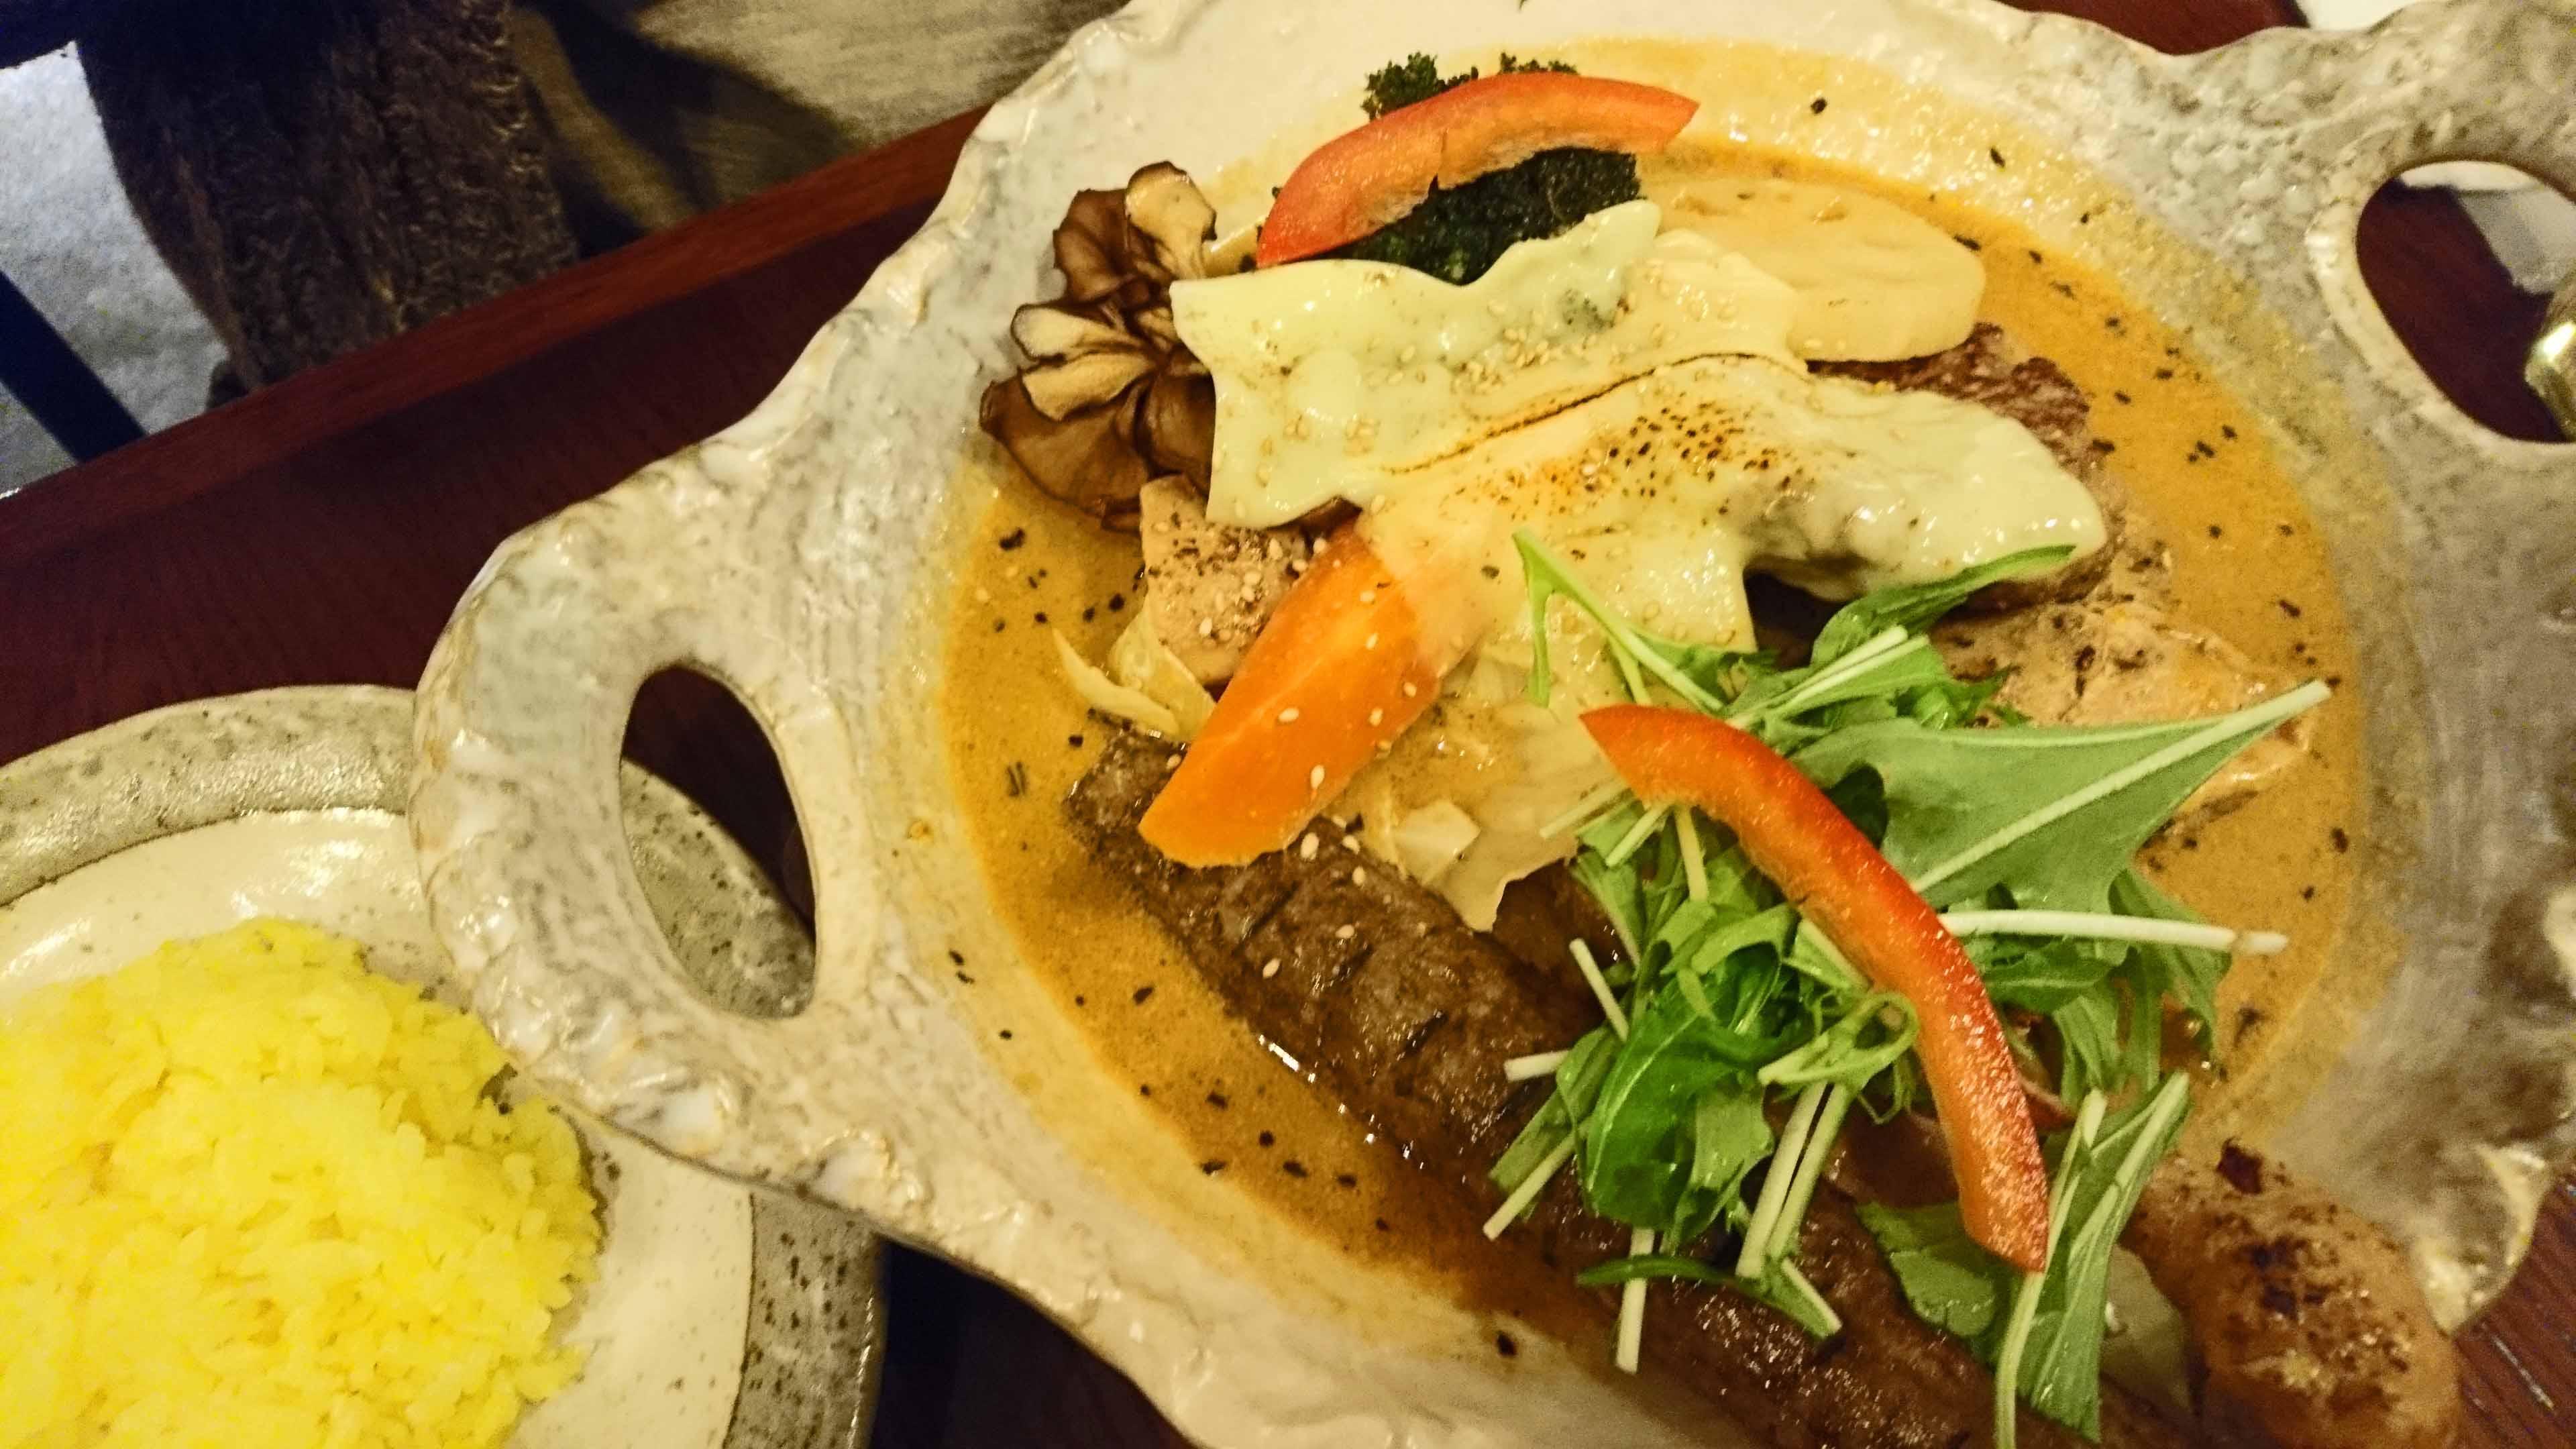 【北海道・十勝】音更の定食屋さんの「いくのや」に行ってみた♪ ~美味しい定食屋さん、お惣菜にも感動だよ!~